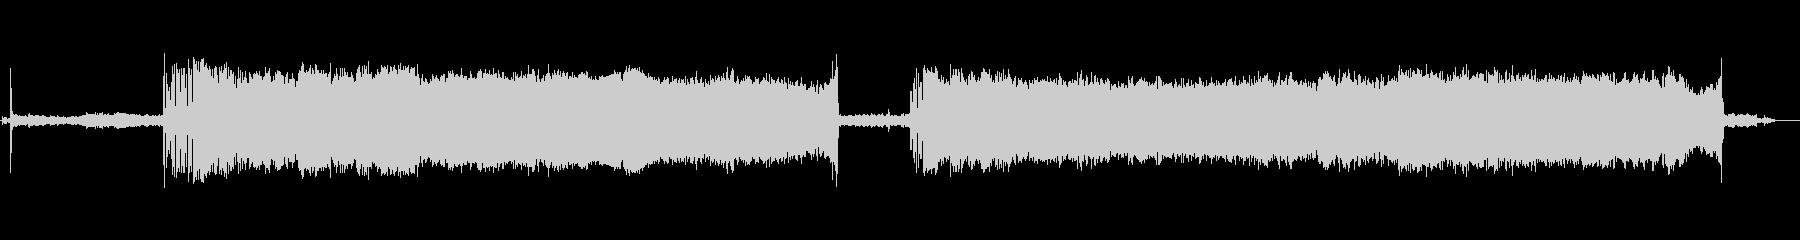 電動シャープナー、ブッチャー、KN...の未再生の波形